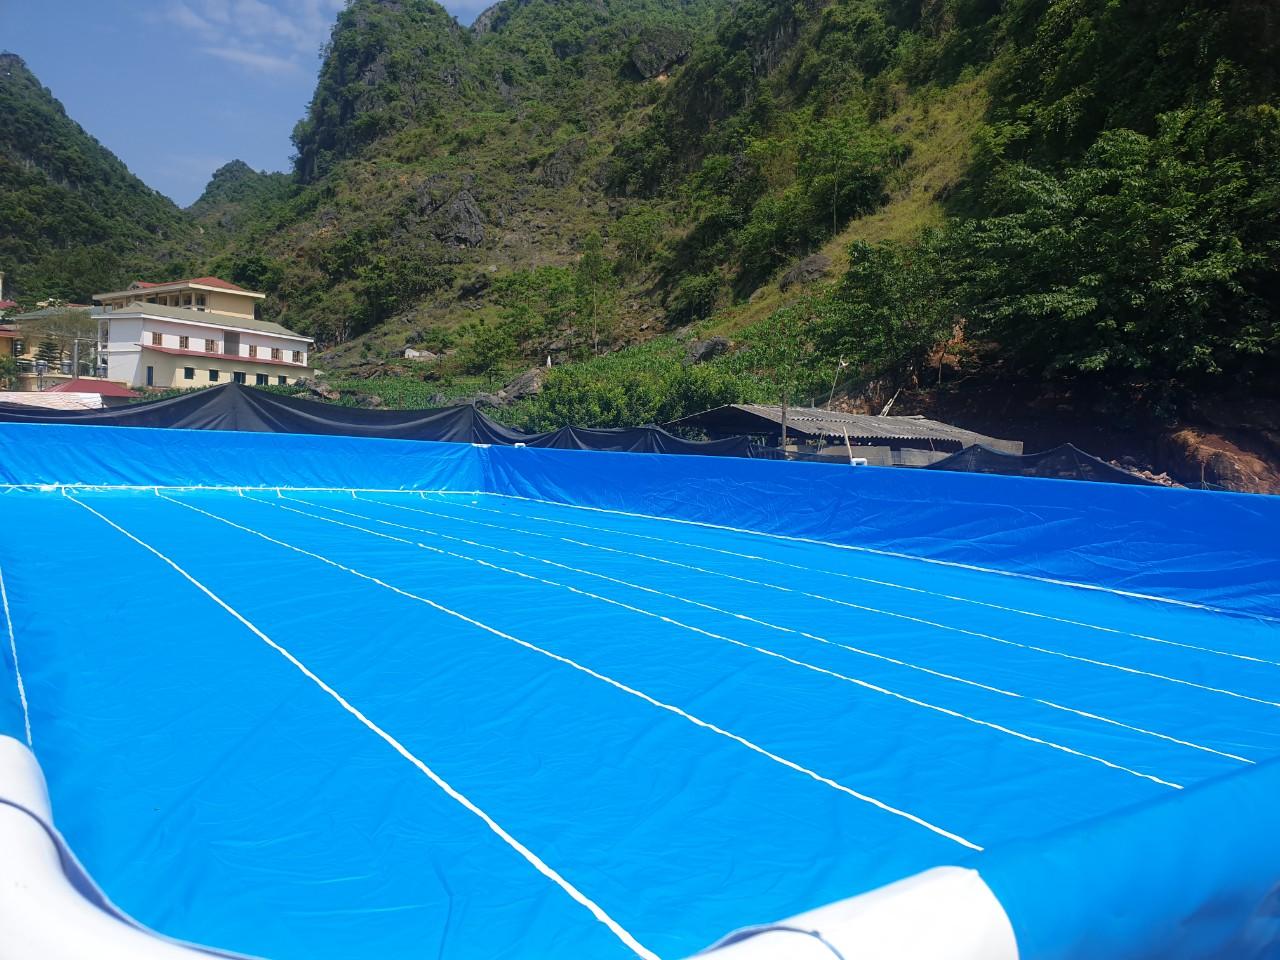 Bể Bơi Di Động Lắp Ghép Tại Cao Bằng Hoạt Động Từ 2019 Đến Này 10